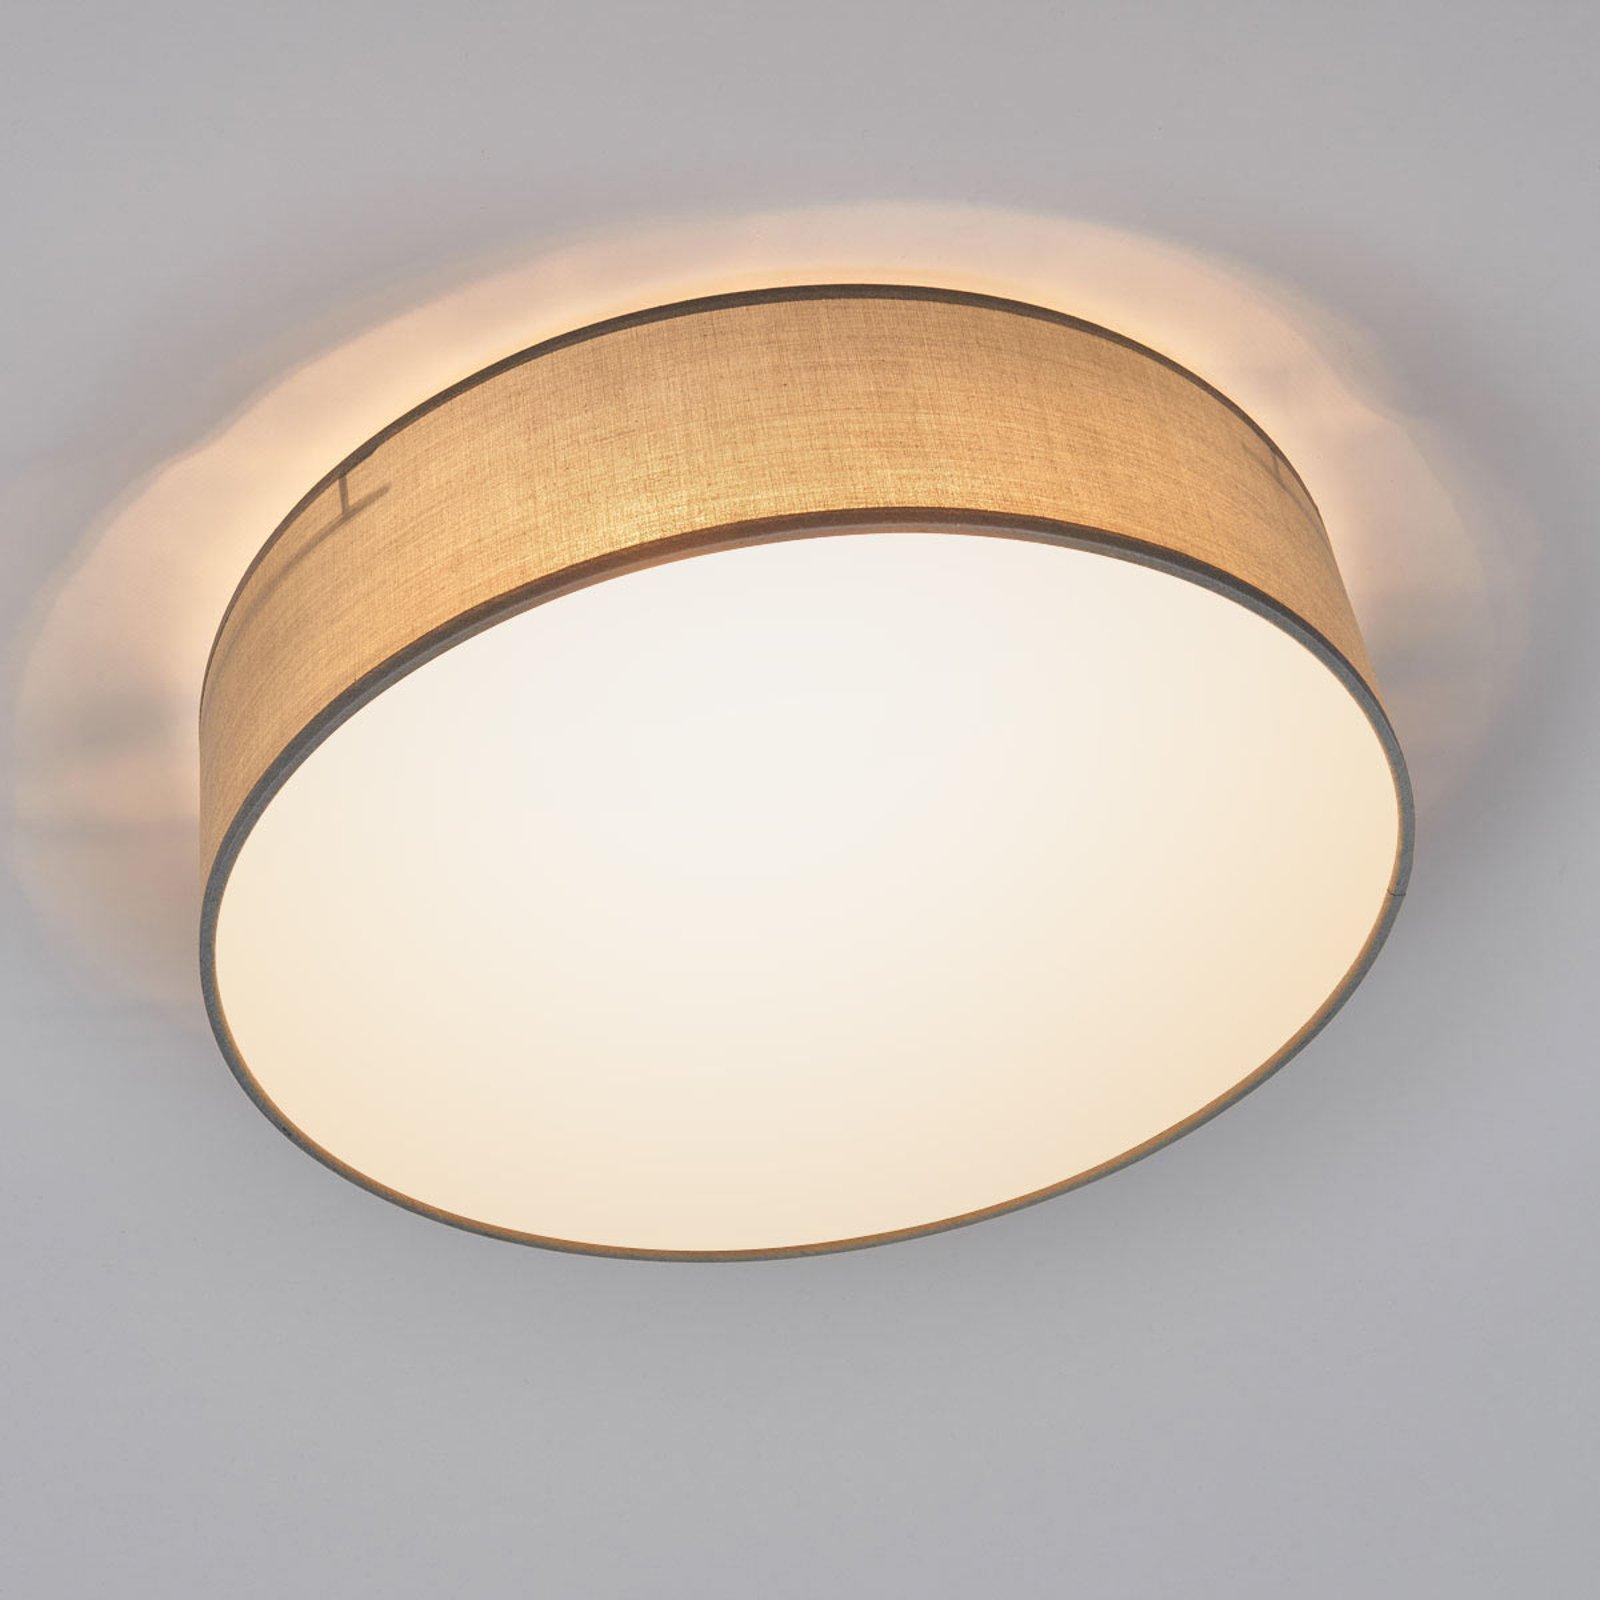 Grå taklampe Ceiling Dream i tekstil, 40 cm